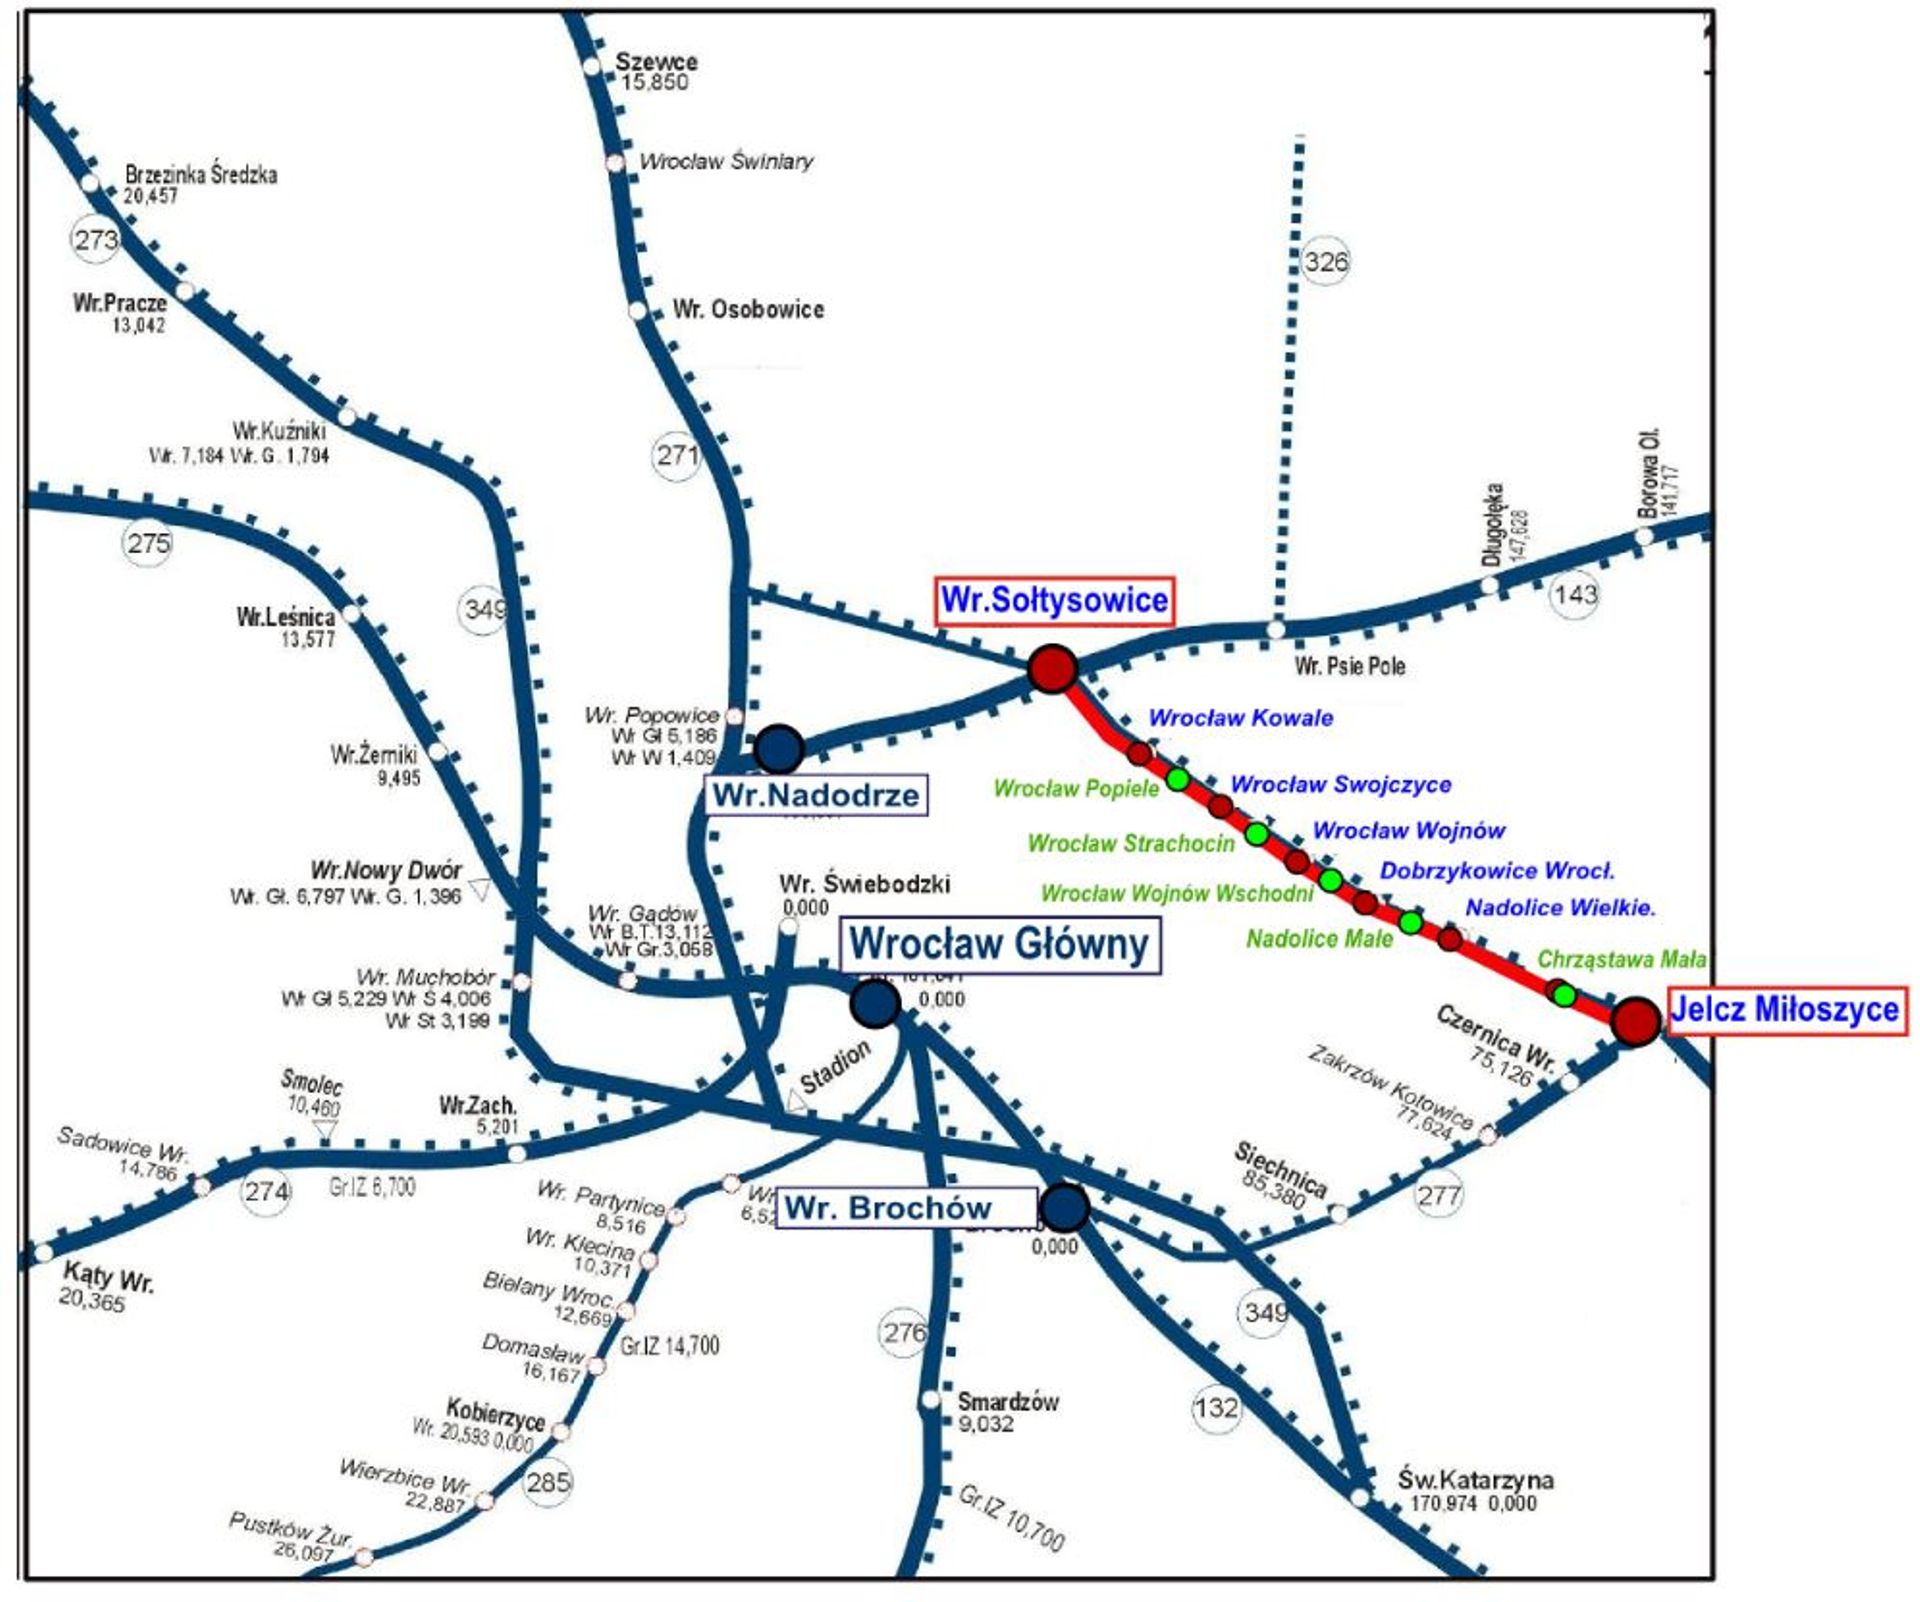 W połowie roku planowane jest wznowienie ruchu kolejowego na linii z Wrocławia do Jelcza Miłoszyc